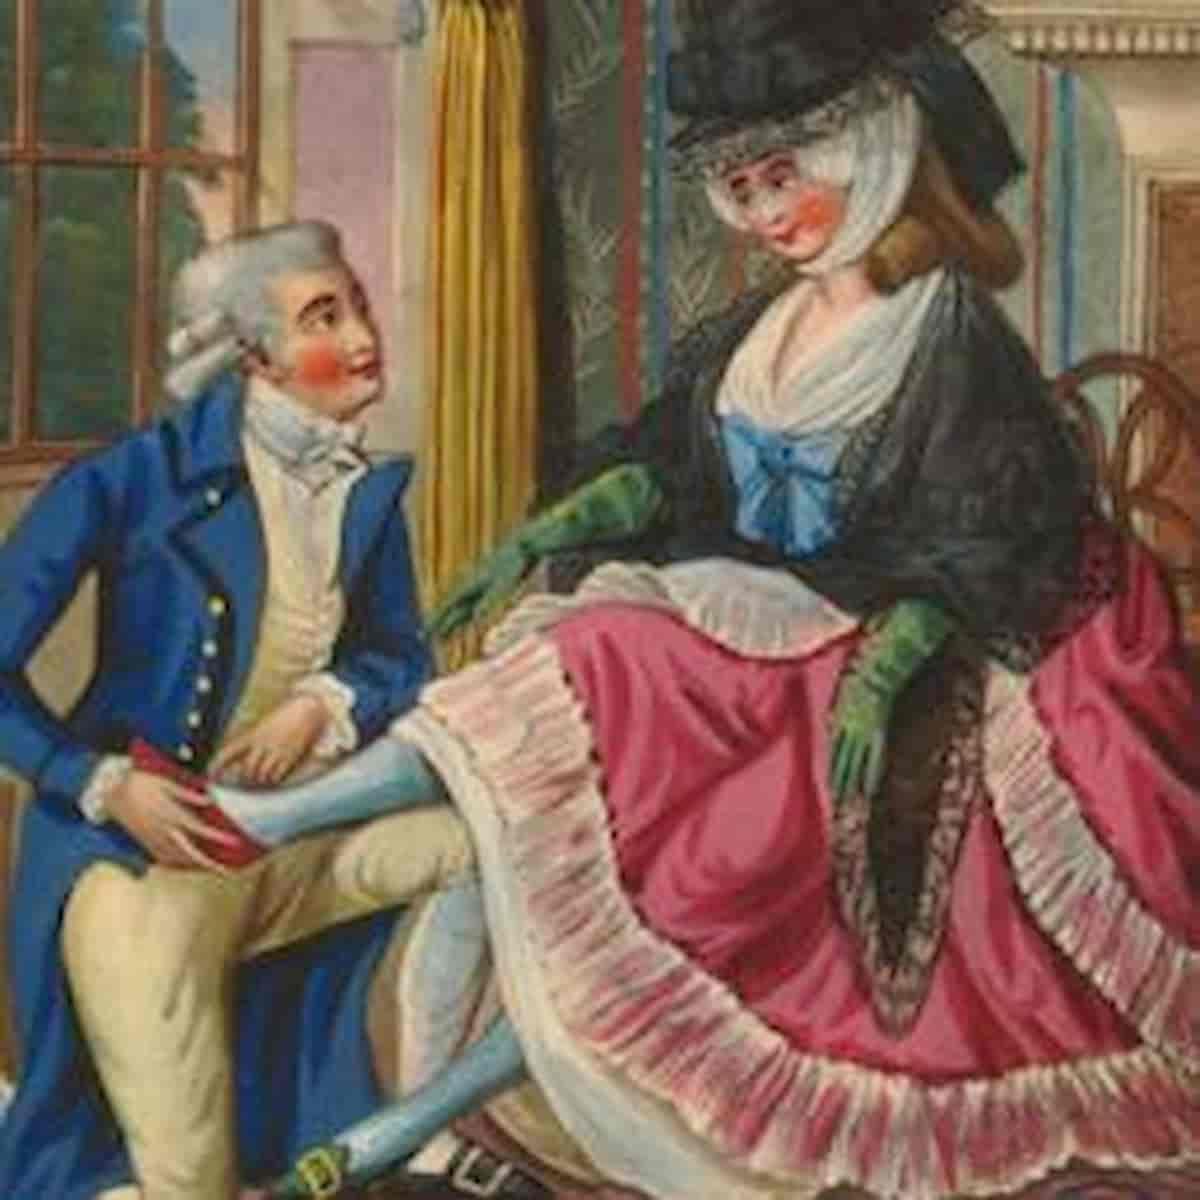 Regno Unito, gli uomini dell'epoca georgiana erano attratti da donne di mezza età